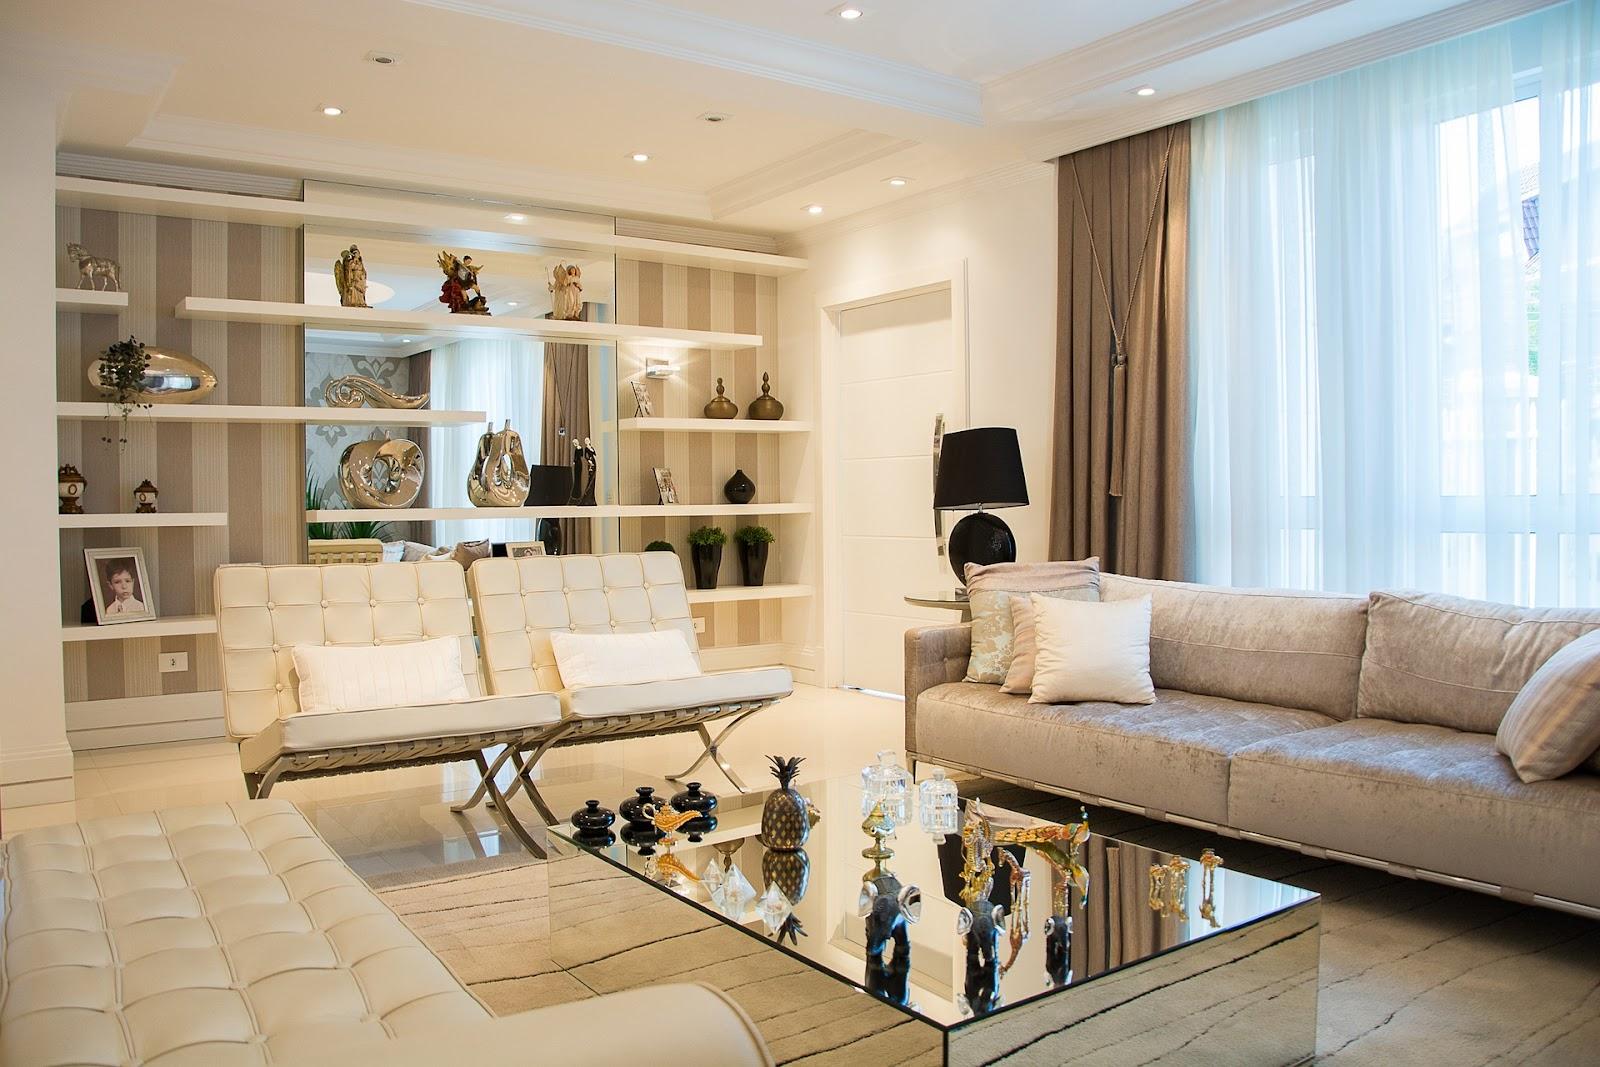 Dicas de Decoração para Casas e Apartamentos - Sorian Cortinas